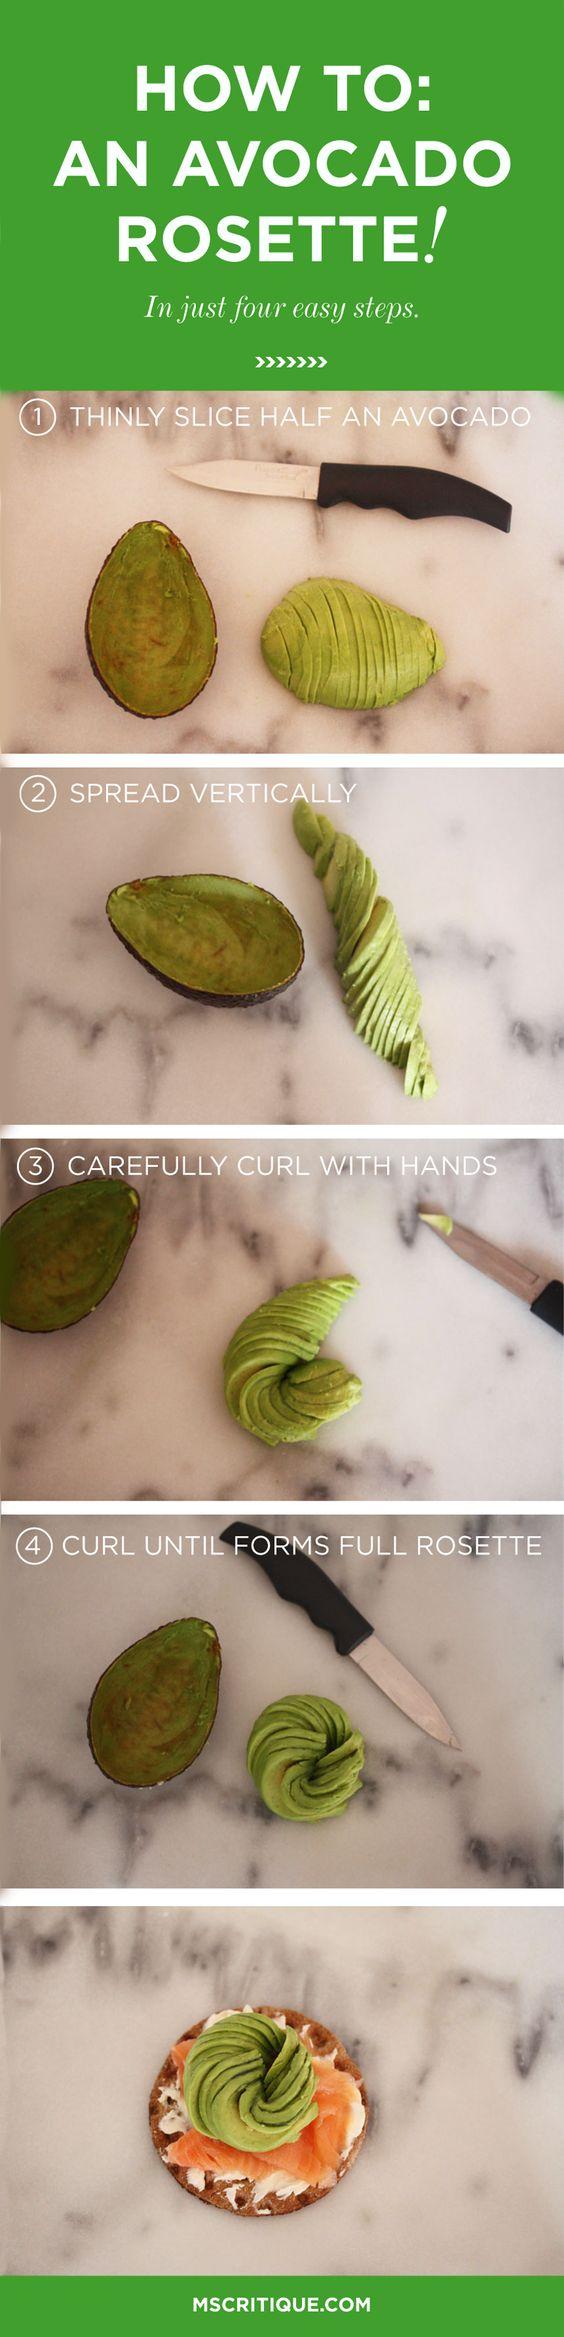 Will never go back to regular avocado again! Make an avocado rosette in 4 steps!